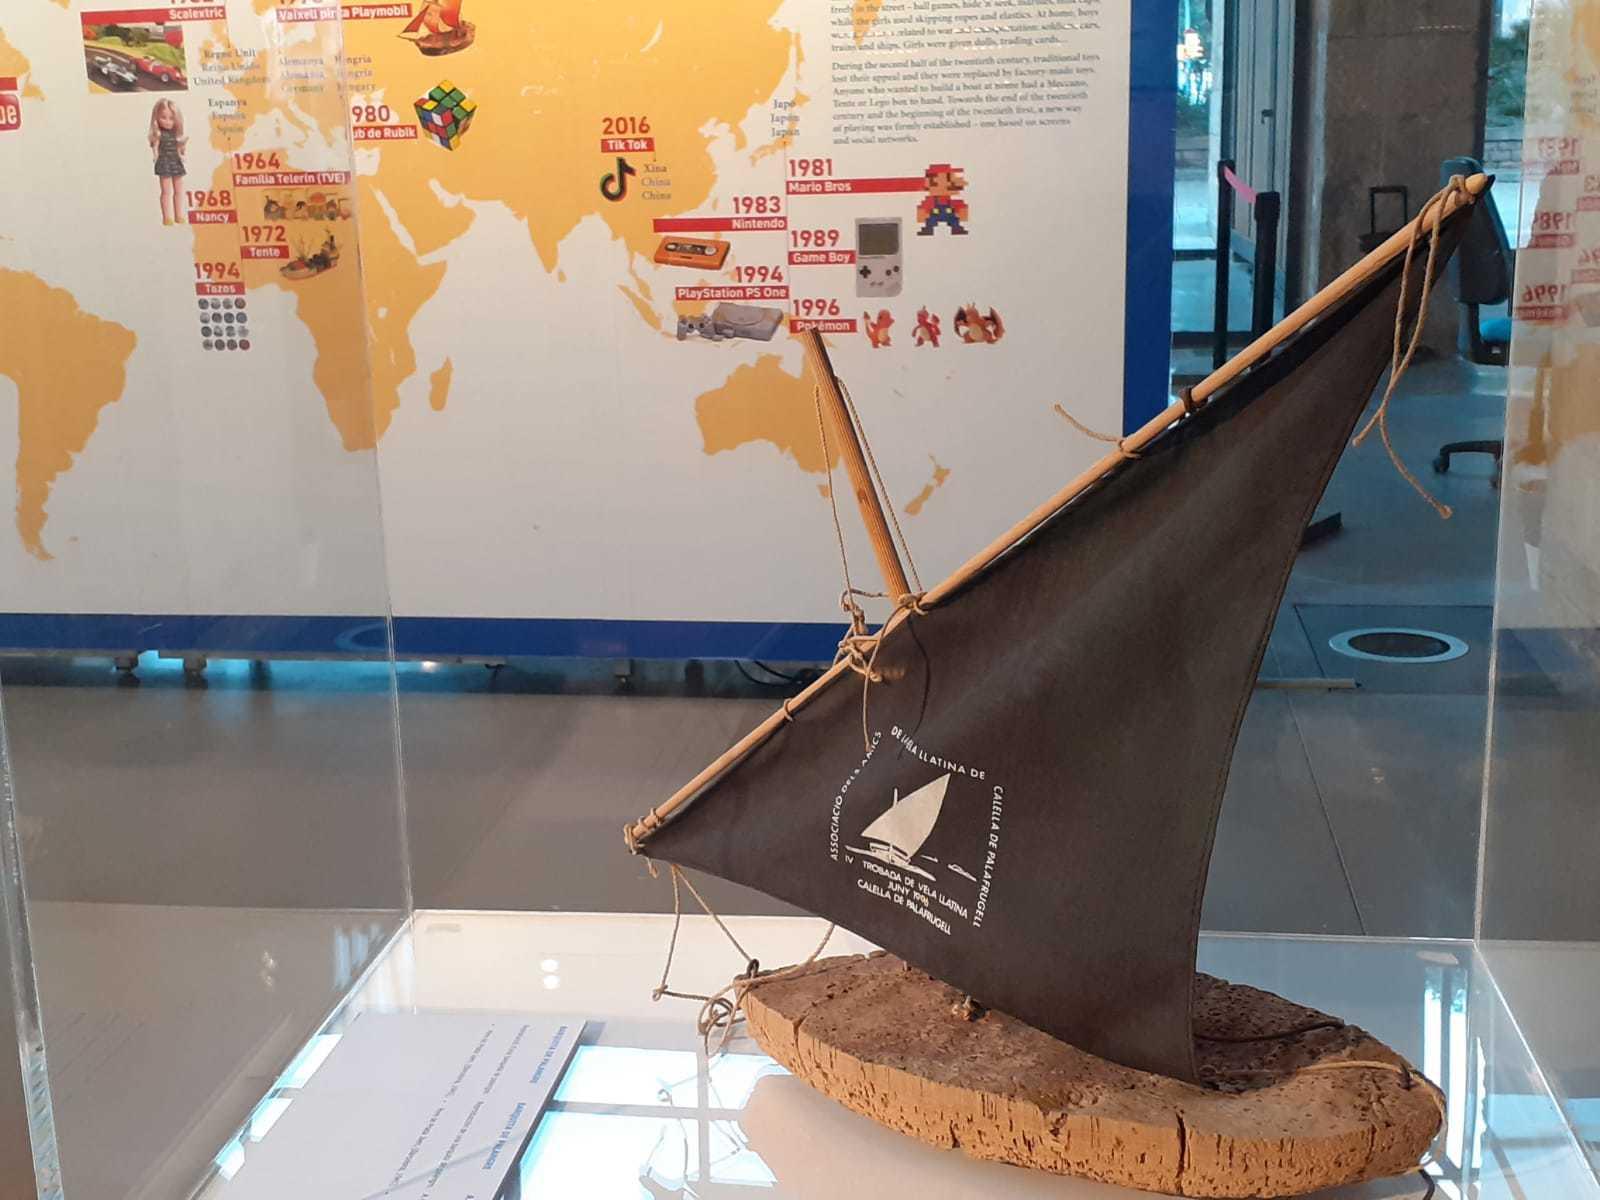 Embarqueu-vos en l'art de fer vaixells al Museu Marítim de Barcelona